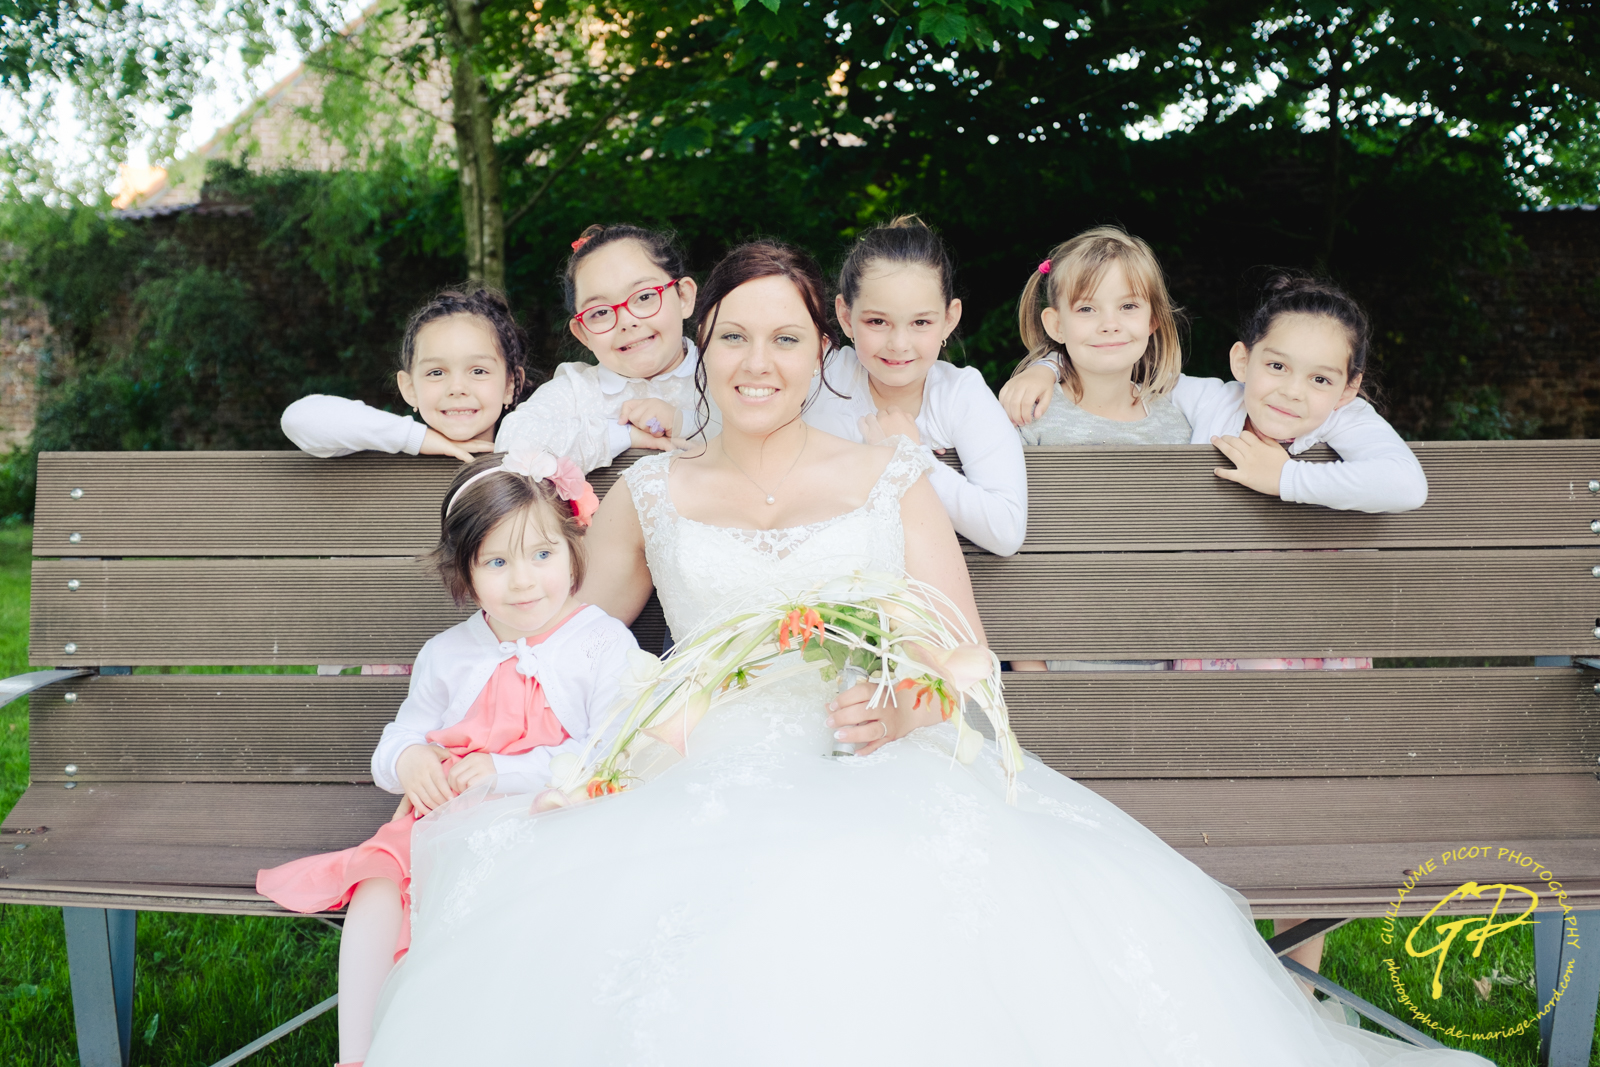 mariage Landrecie-6248